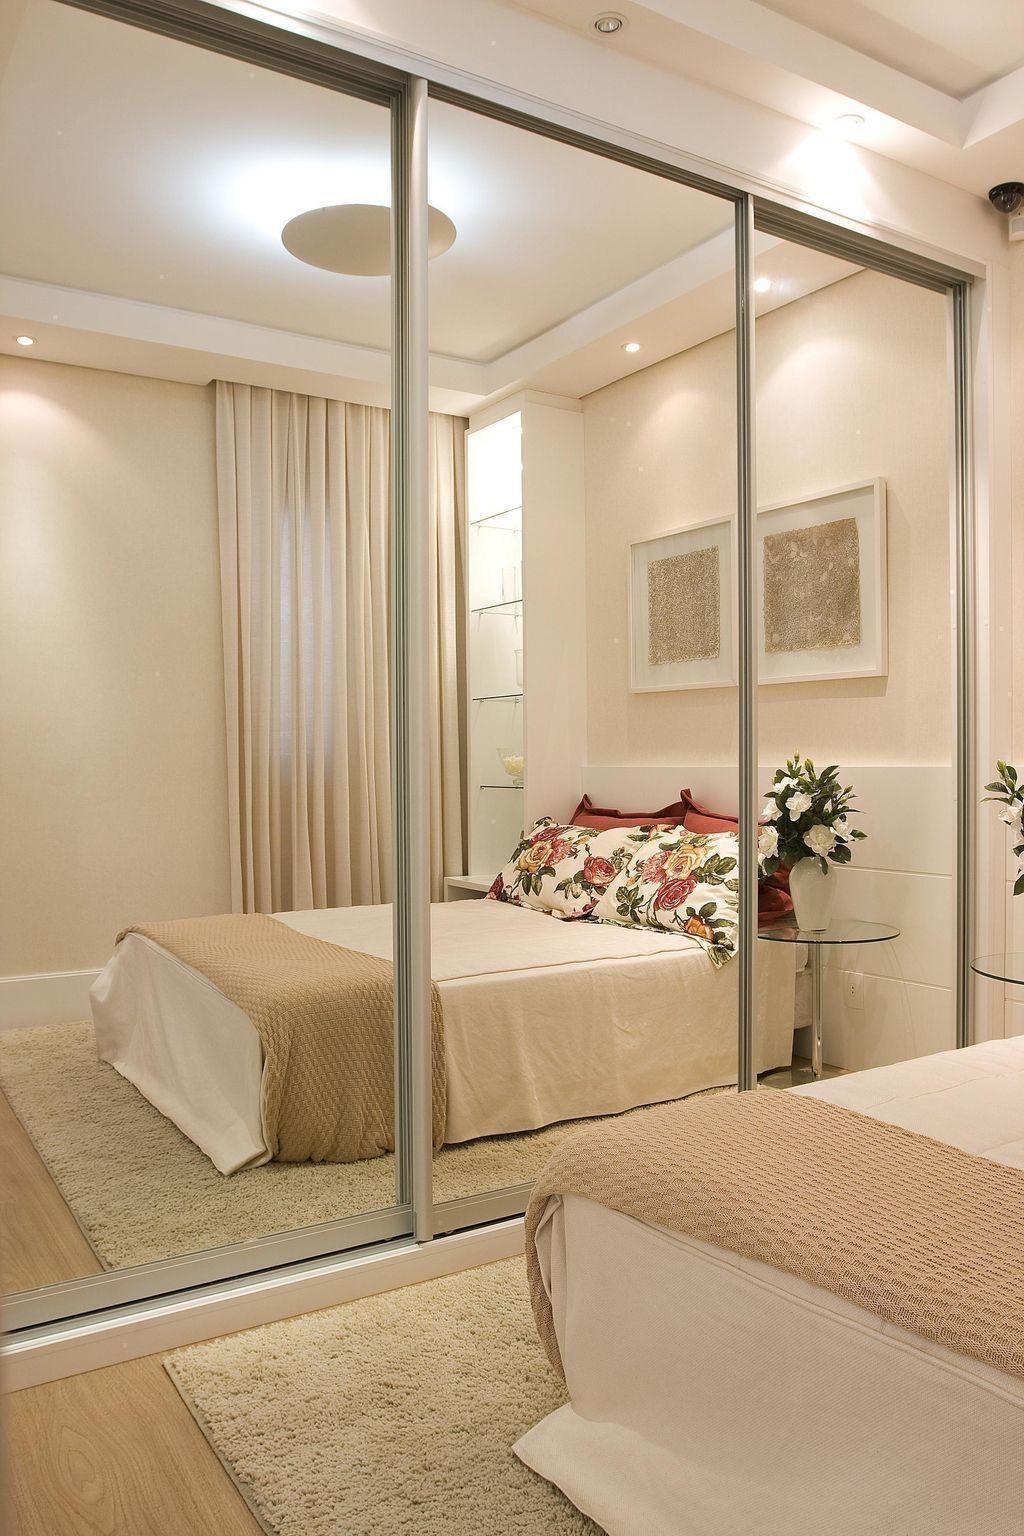 Plüsch  und Einbauschränke Ideen und Projekttipps   Schlafzimmer design, Innenarchitektur, Design